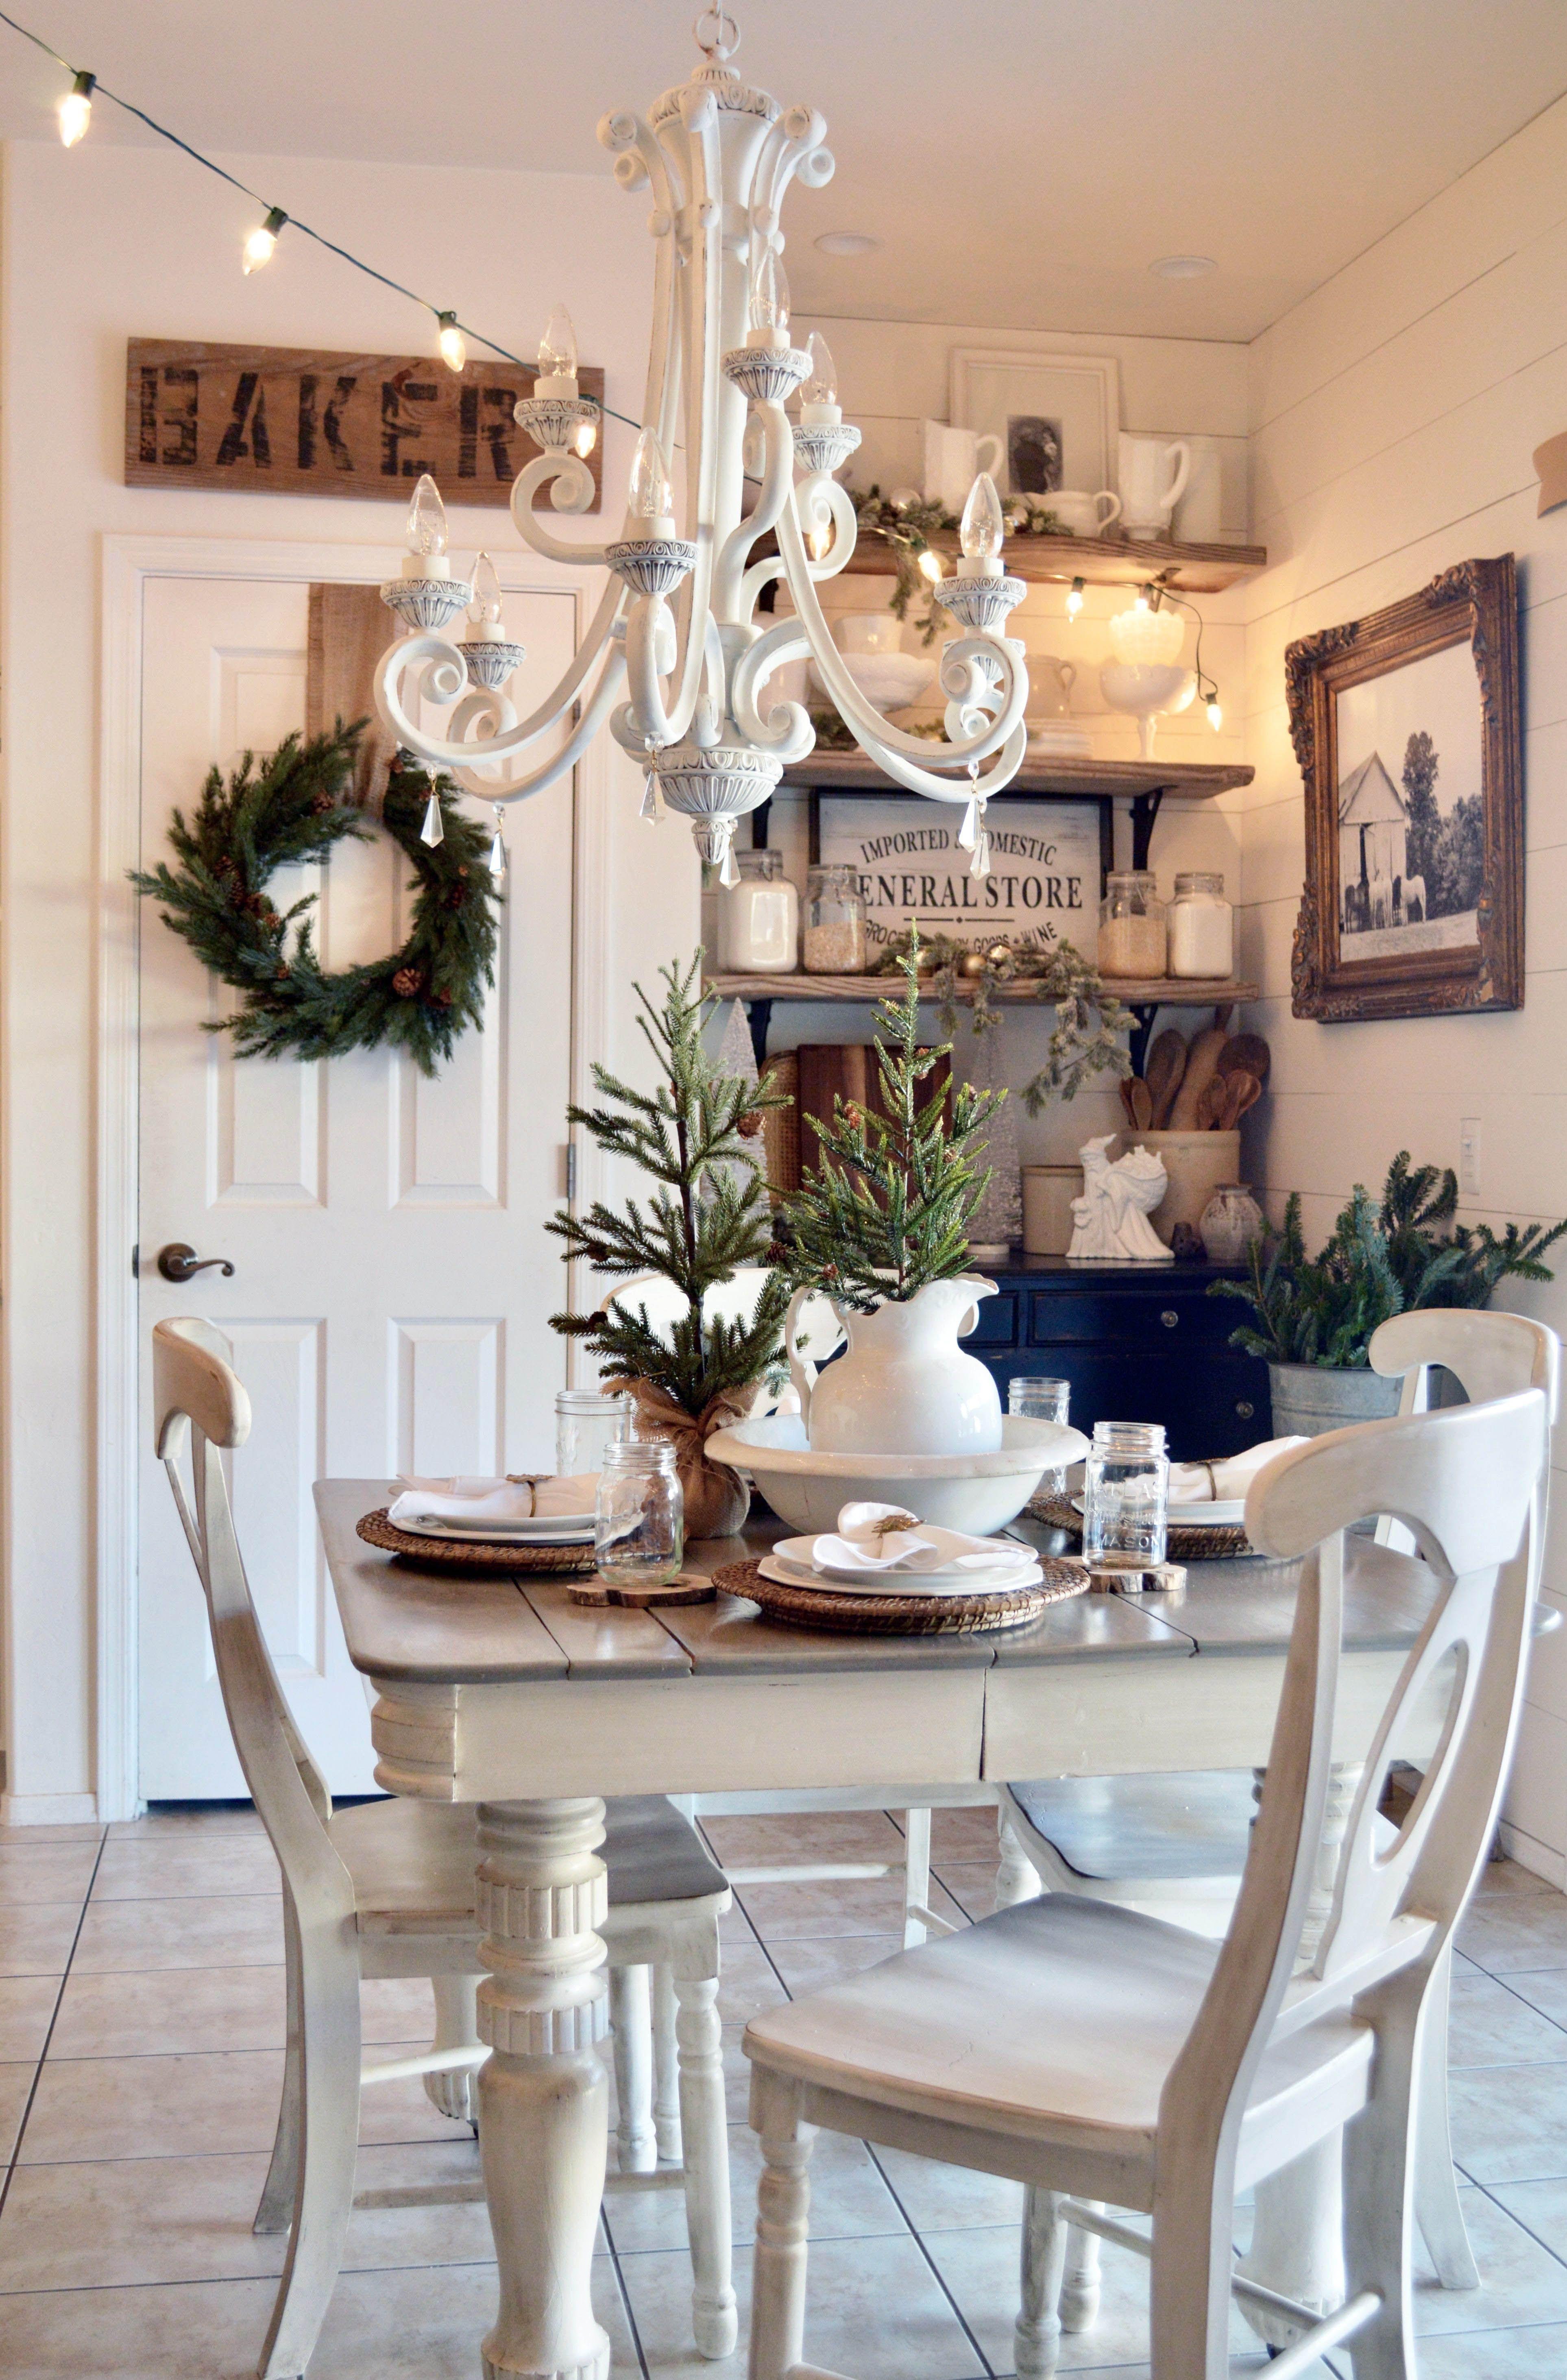 20 Farmhouse Style Master Bathroom Remodel Decor Ideas: 20 Timeless Farmhouse Dining Room Design And Decor Ideas